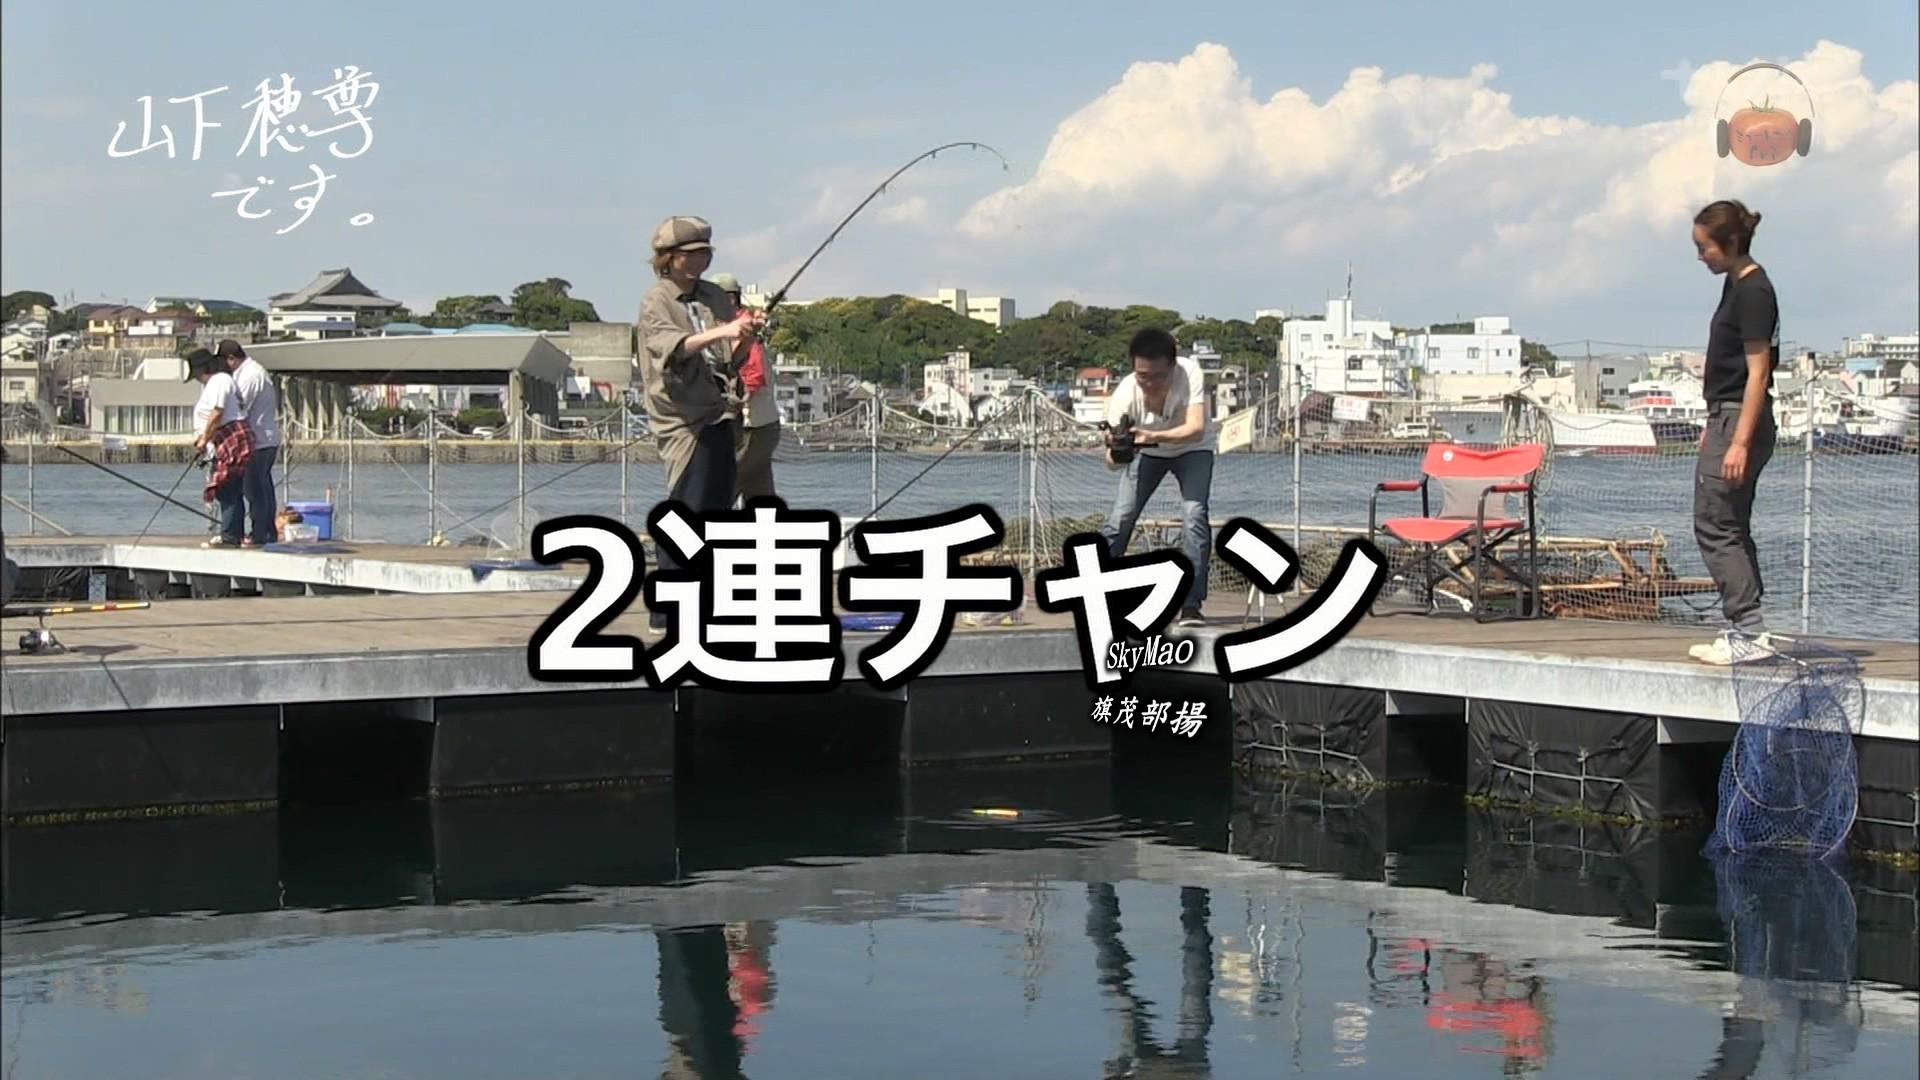 2017.07.14 全場(ミュートマ2).ts_20170715_012327.854